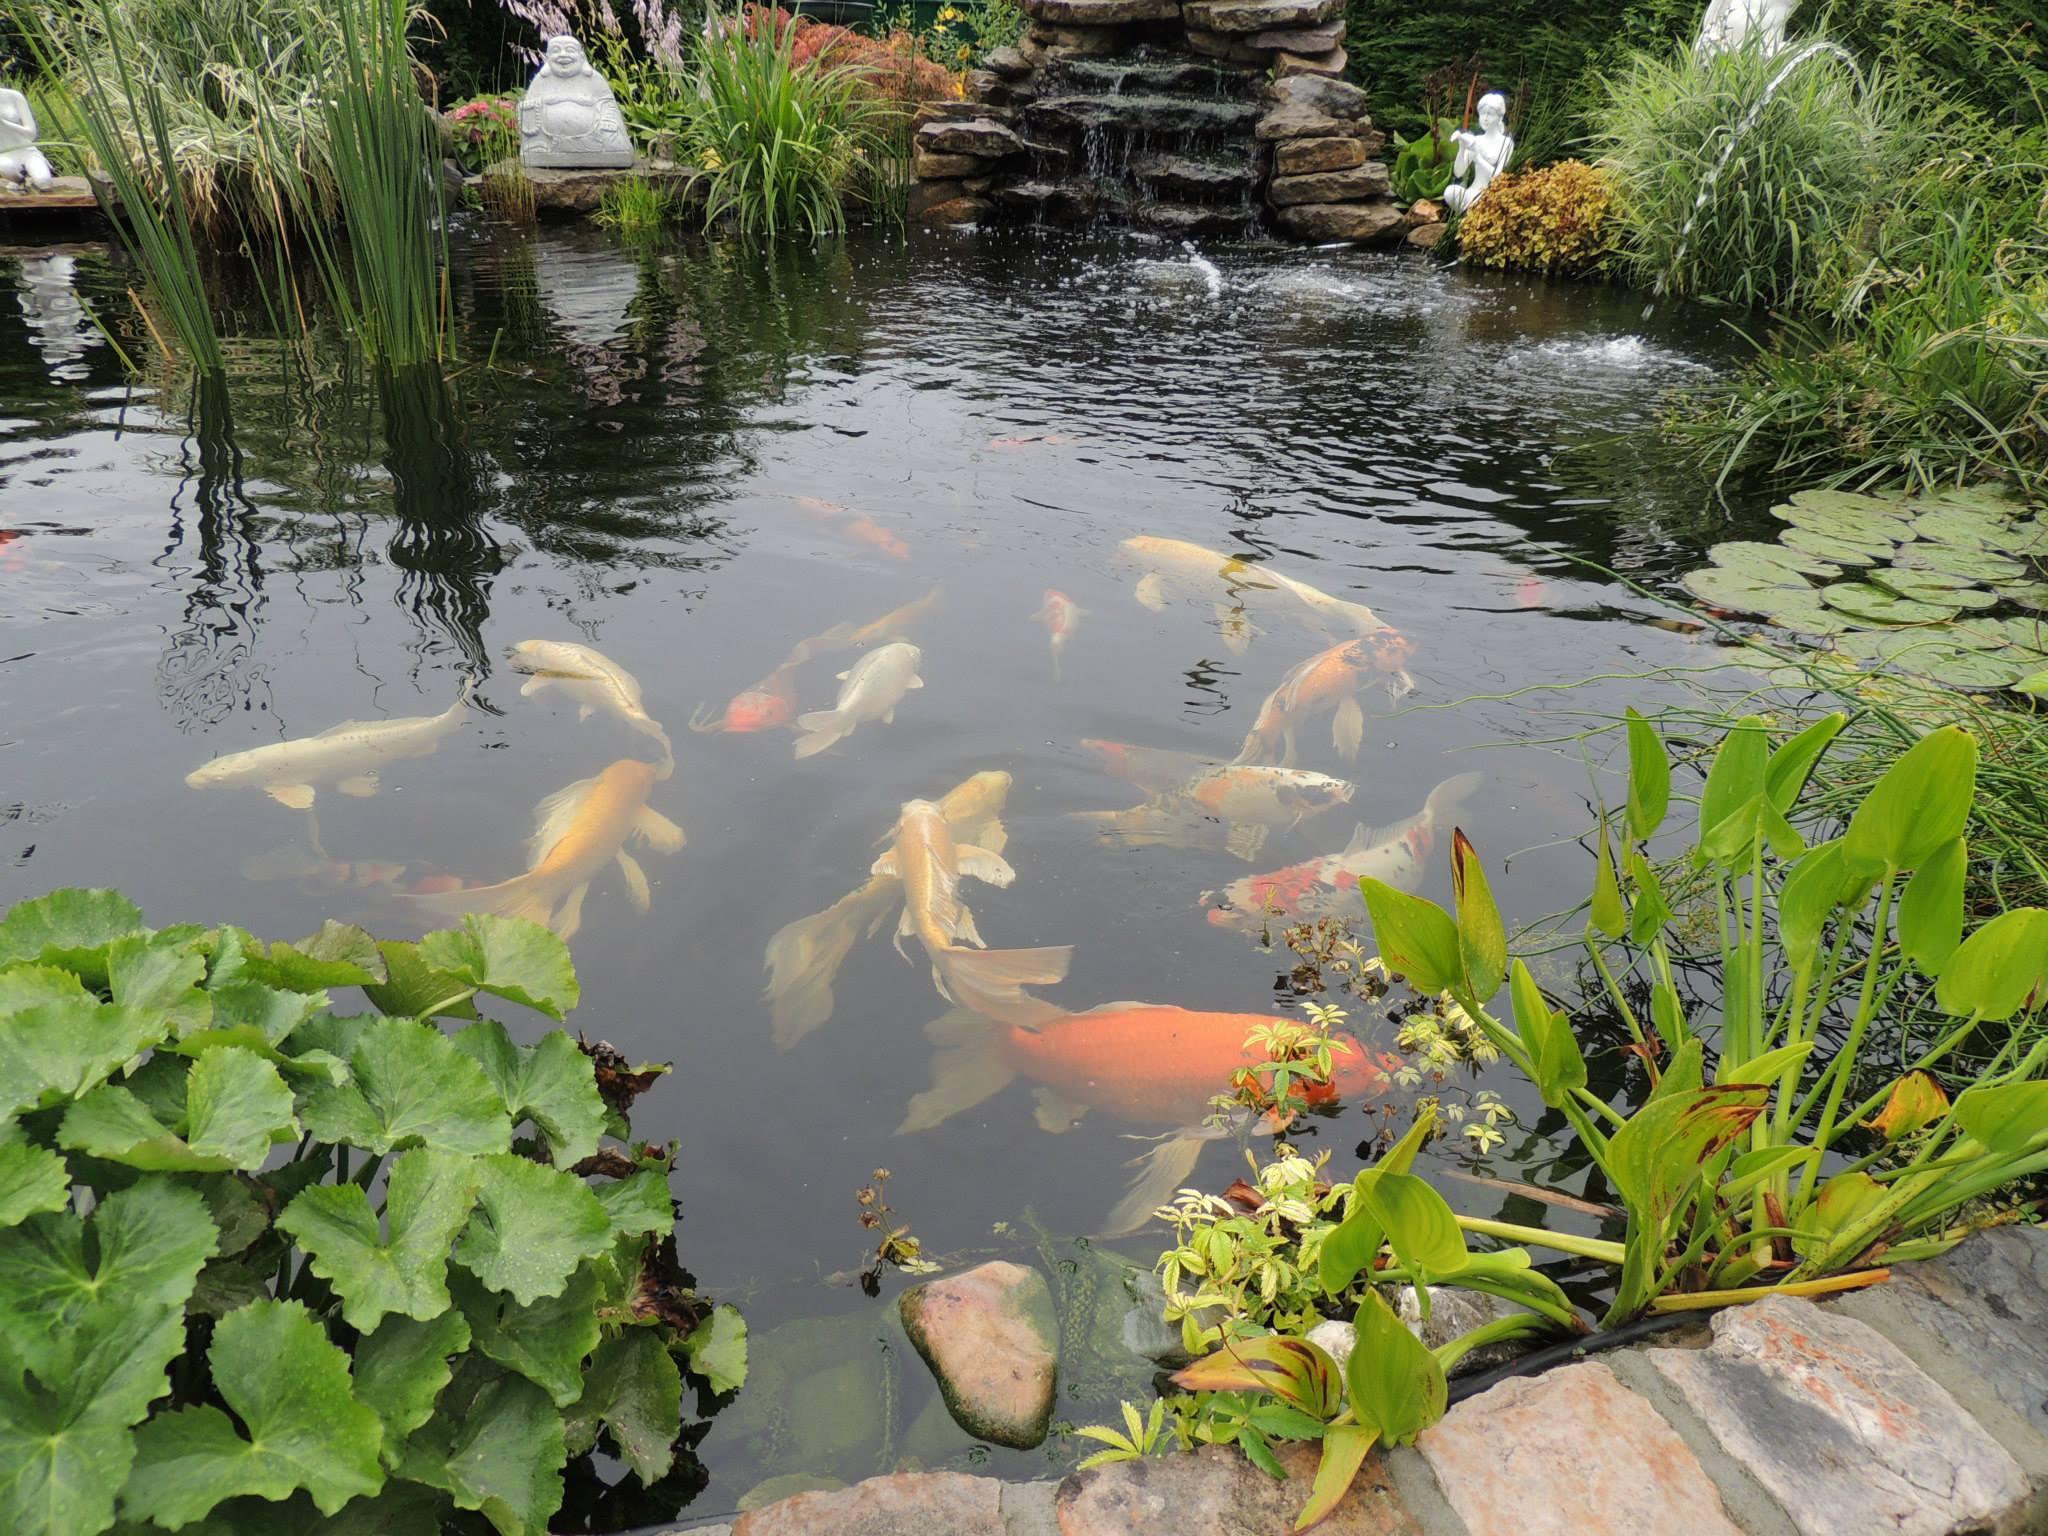 Les 15 Plus Beaux Bassins Découverts Lors Du Concours ... intérieur Bac Poisson Jardin